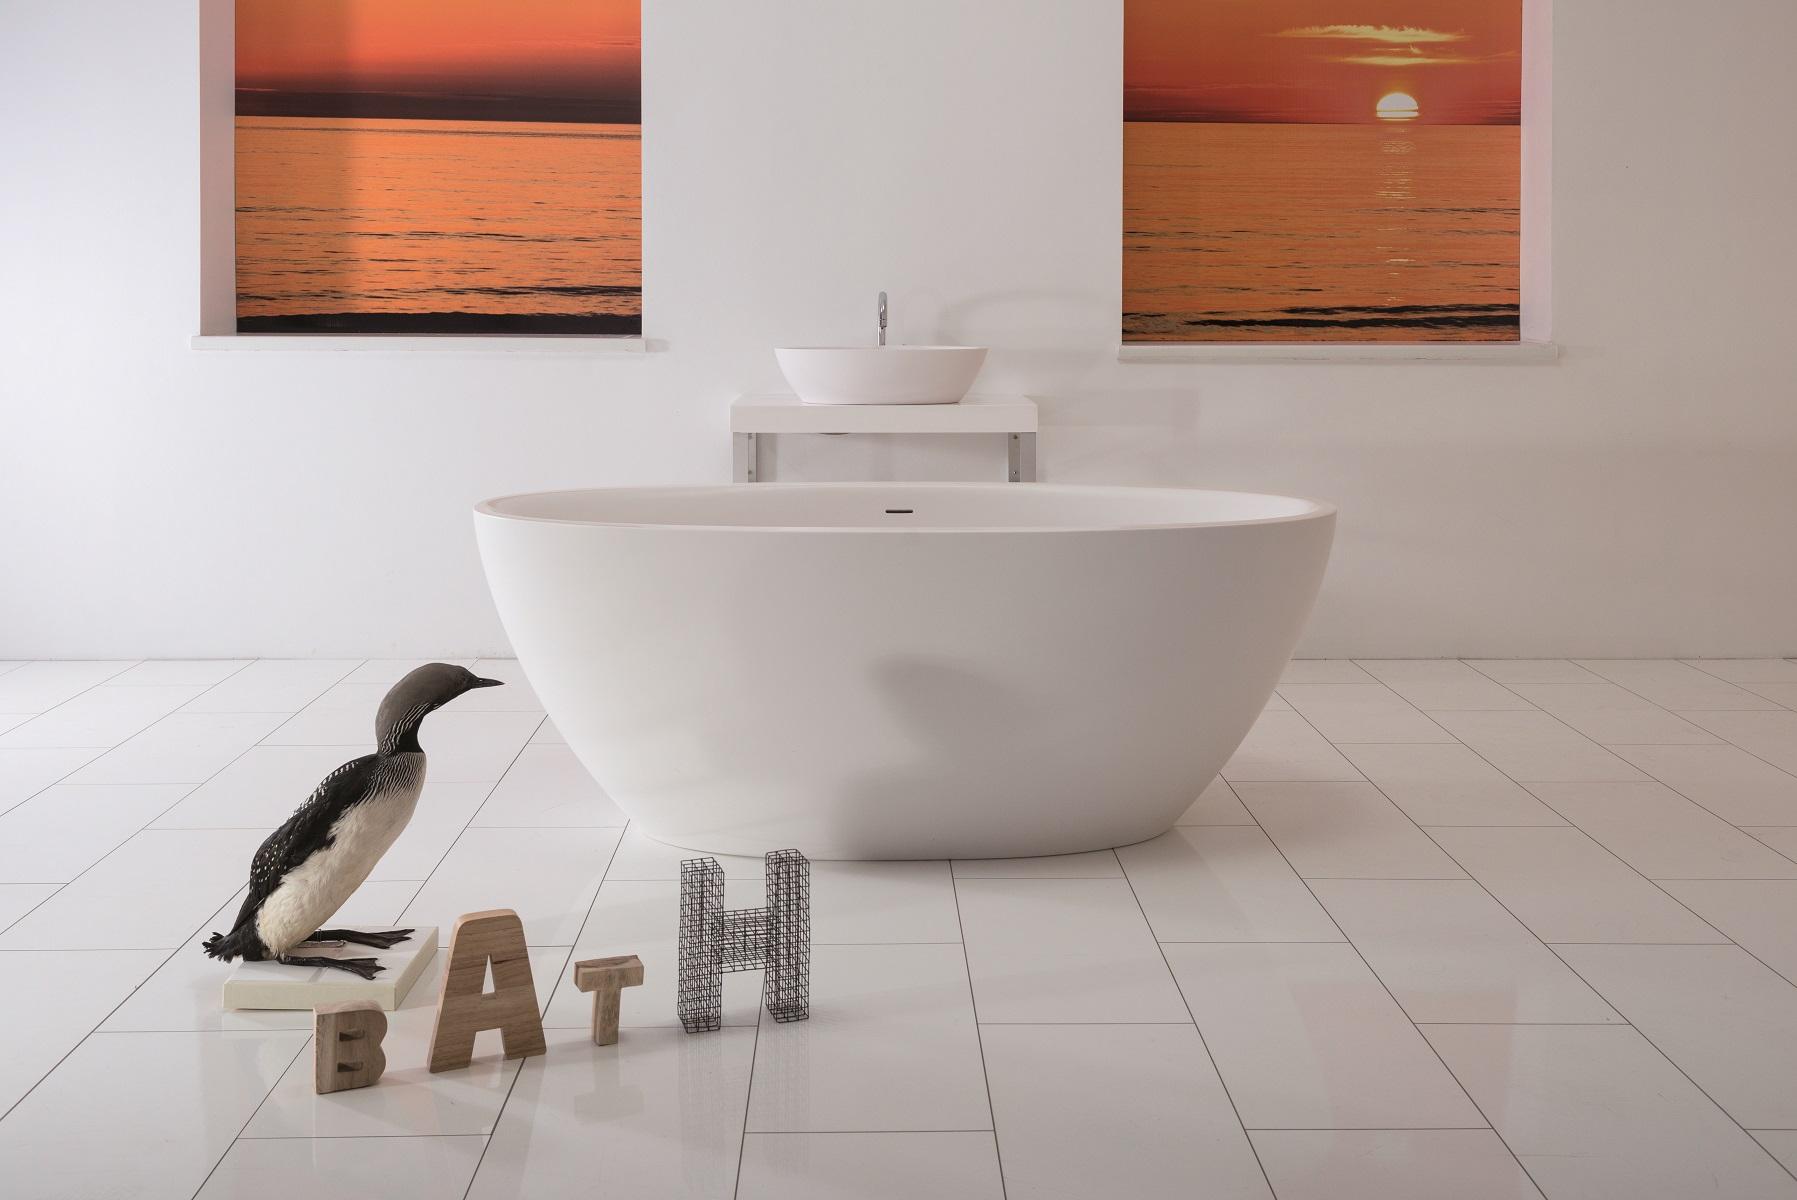 Aquatica sensuality mini wall freistehende aquatex badewanne for Mini badewanne